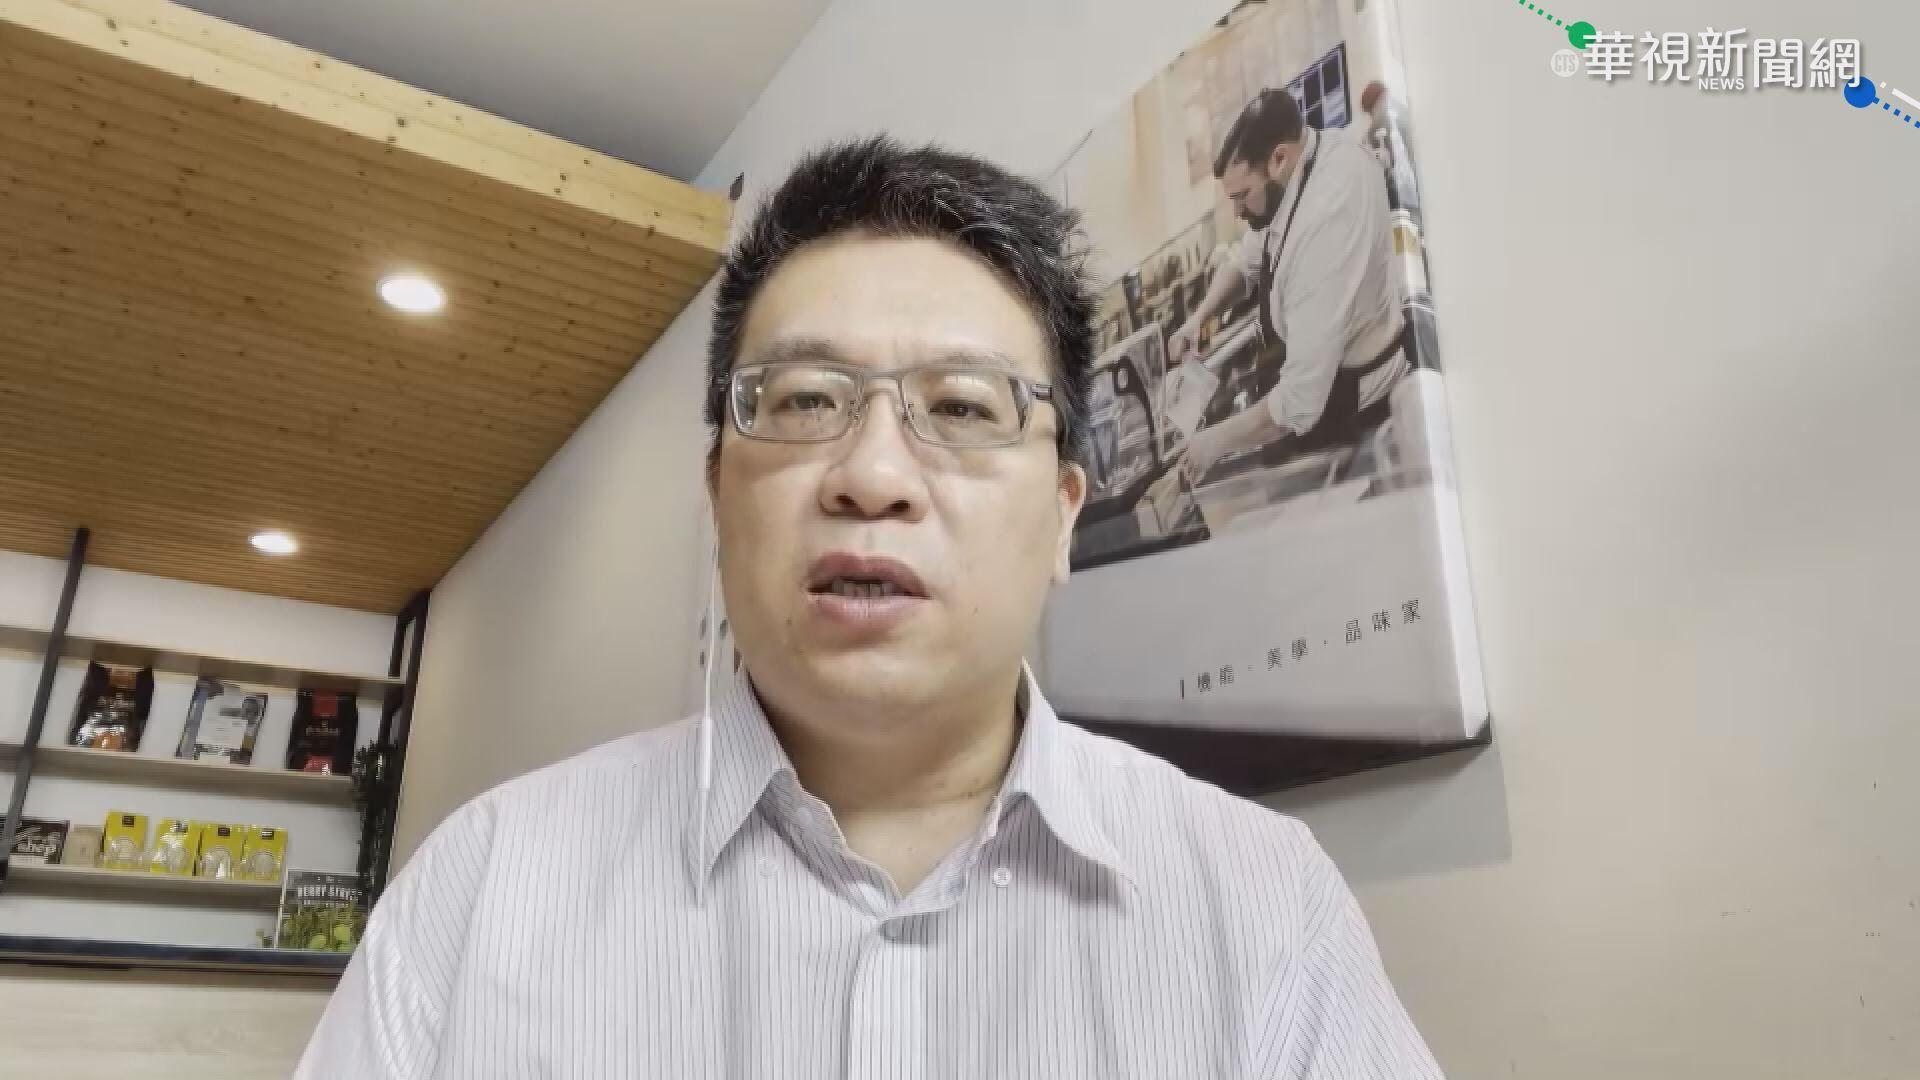 交部推1千國旅券 中小旅行業:幫助有限